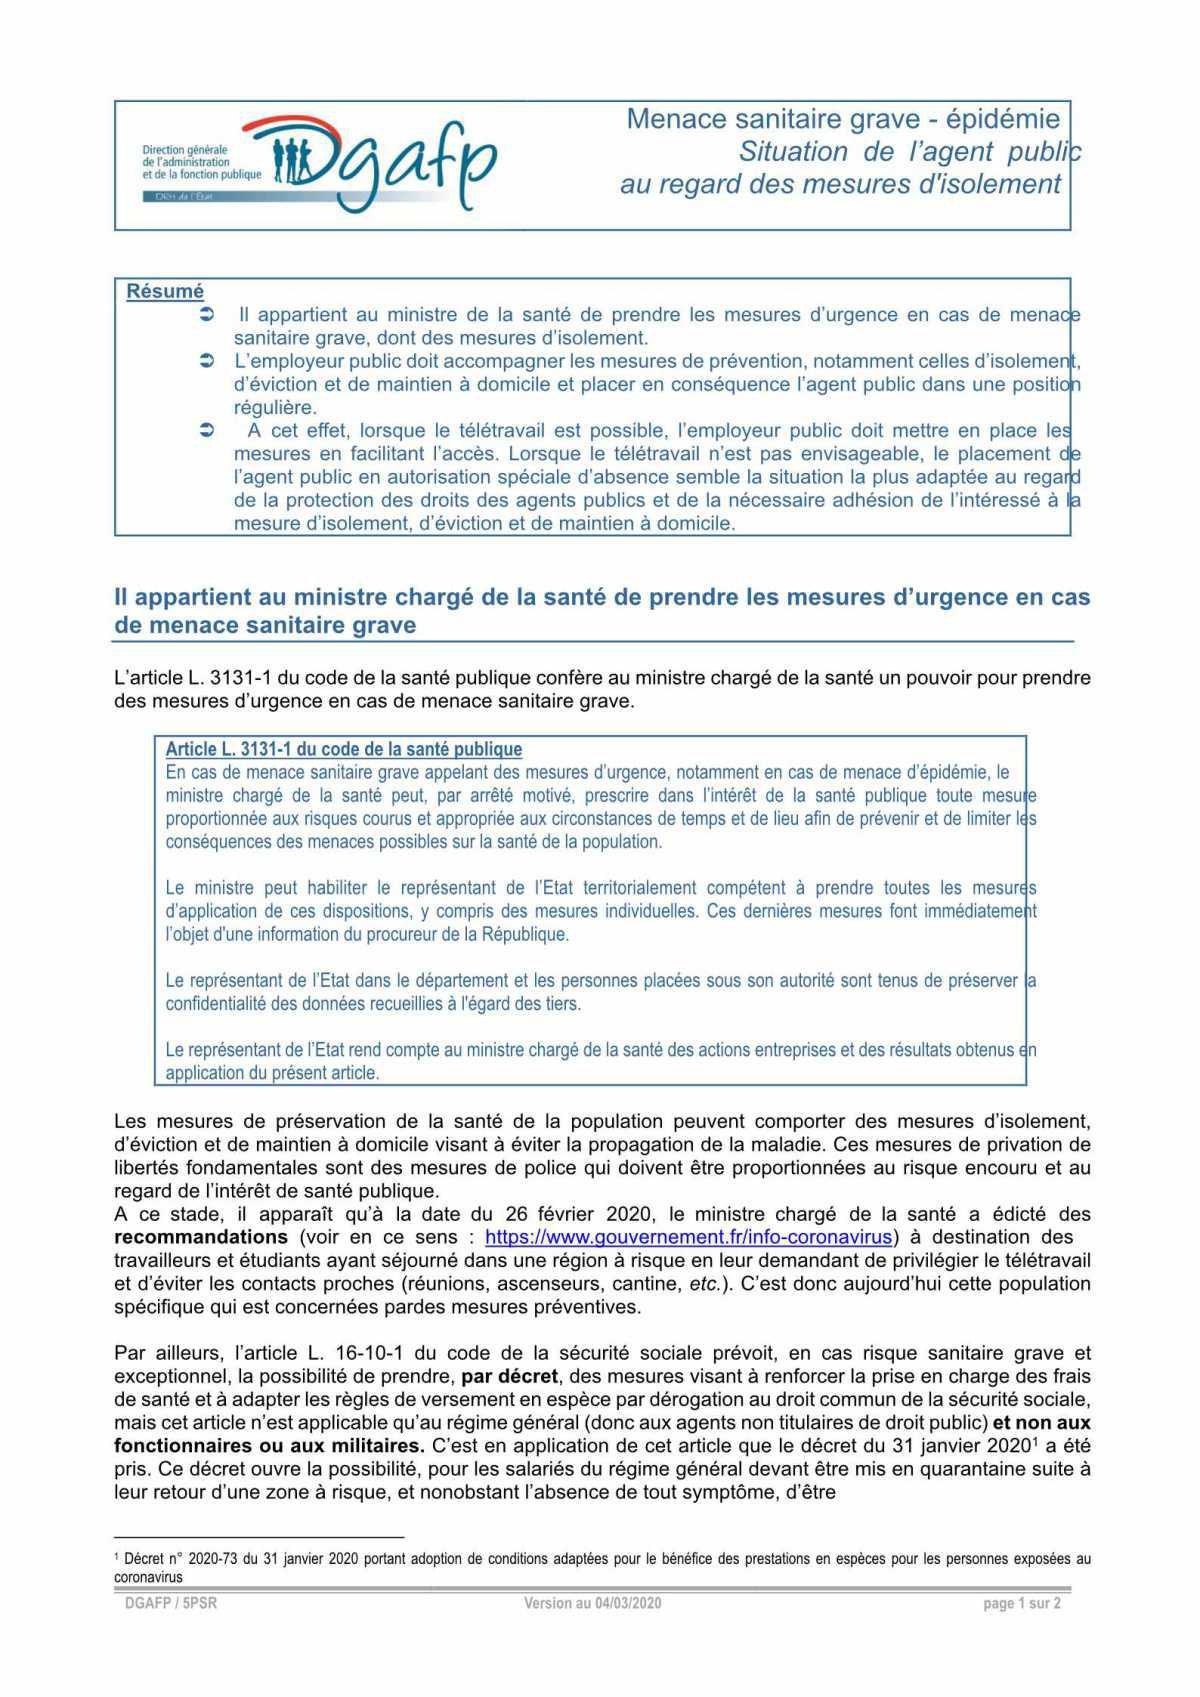 fiche_mesures_coronavirus_v2-1